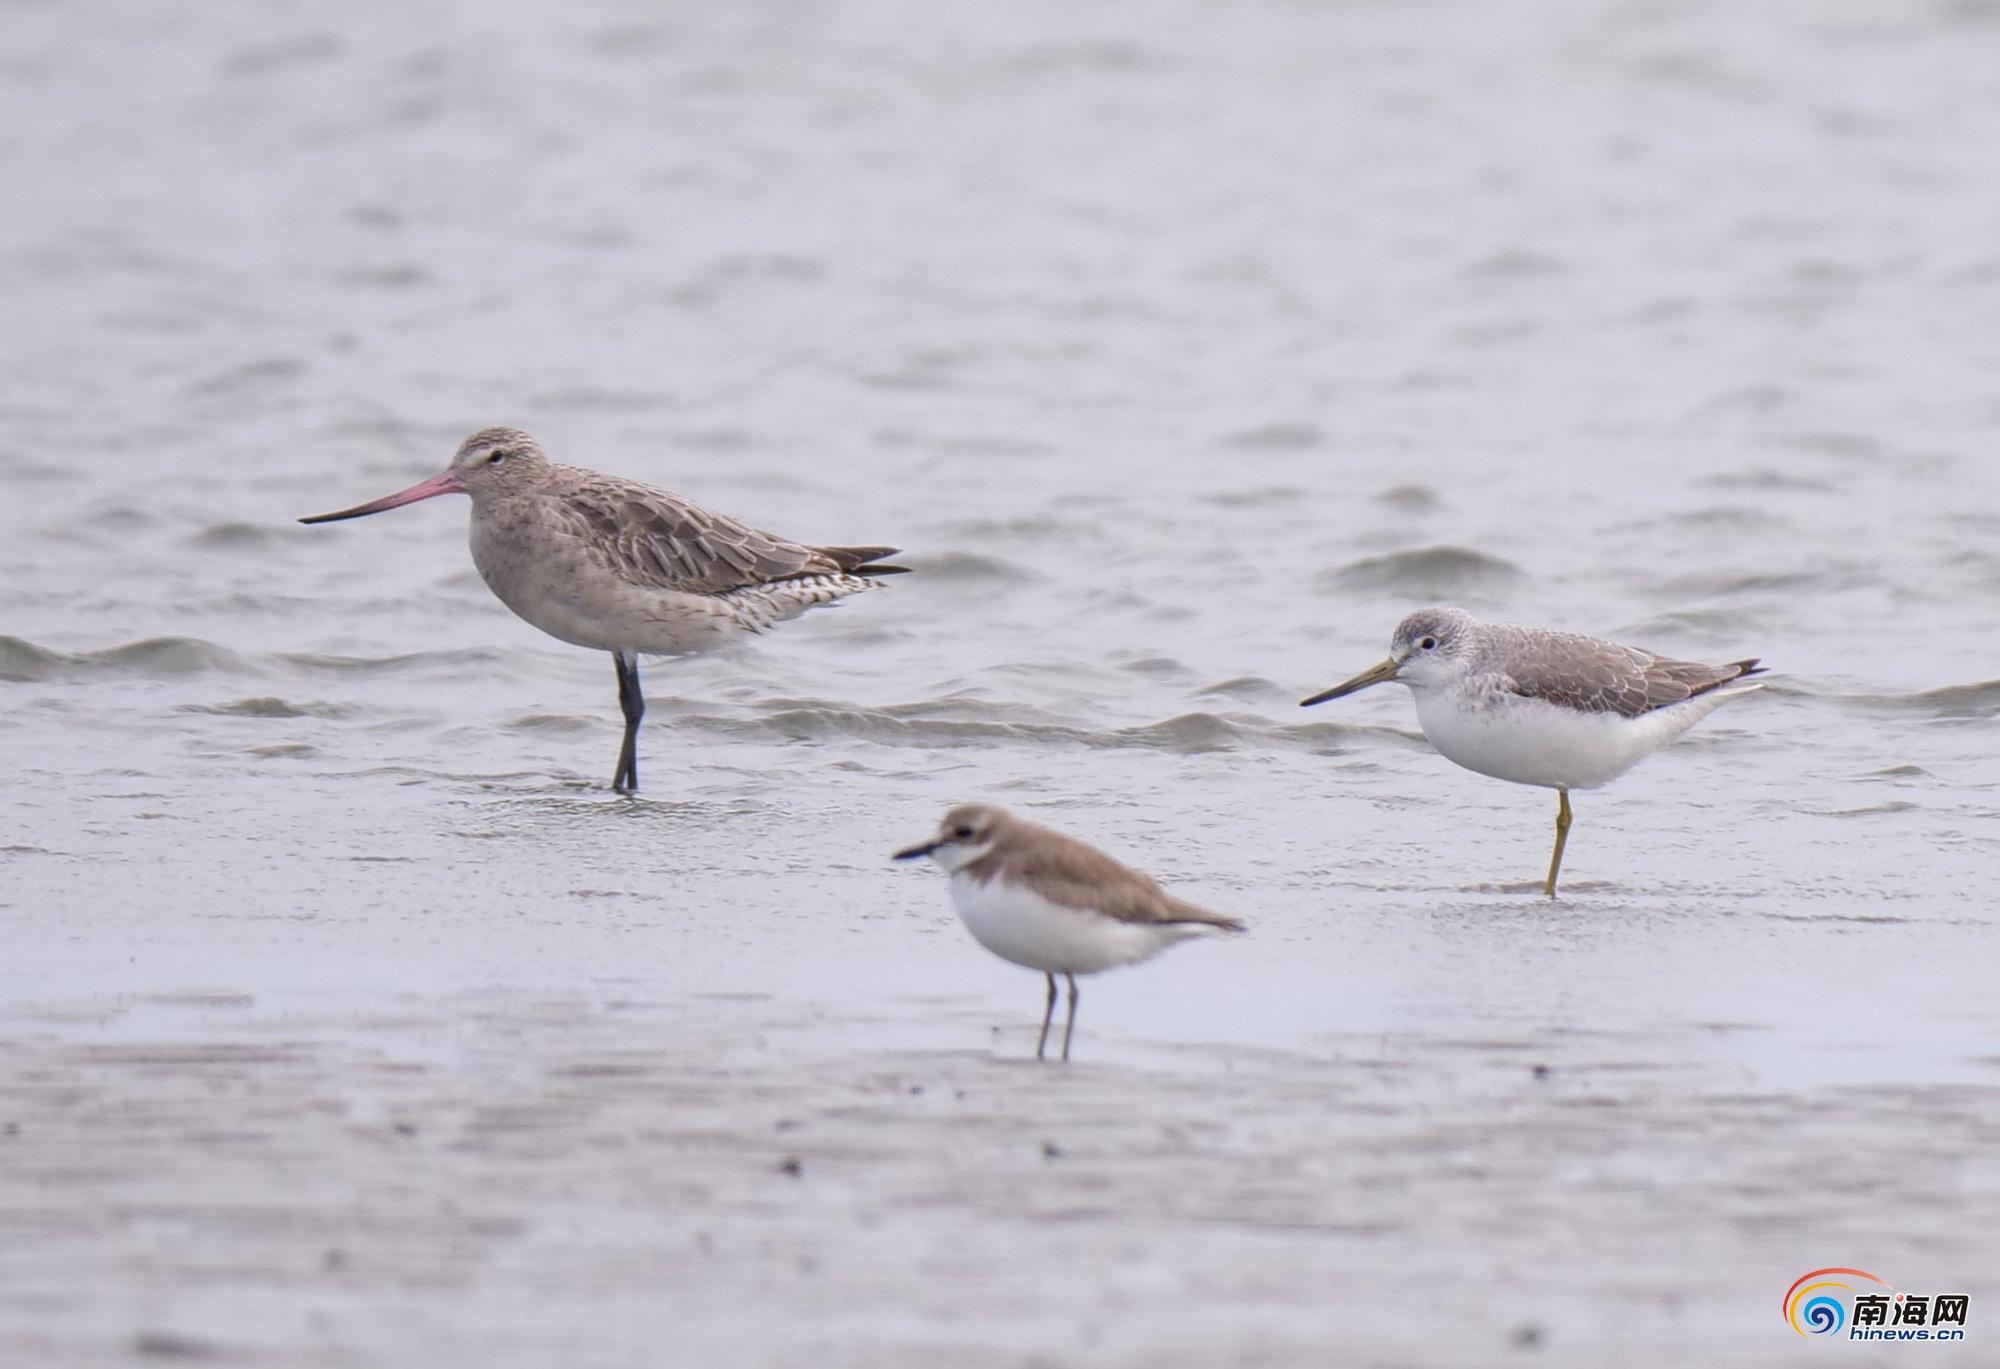 重庆时时彩做��k�ze&_2019海南越冬水鸟调查结果出炉 共监测到水鸟65种